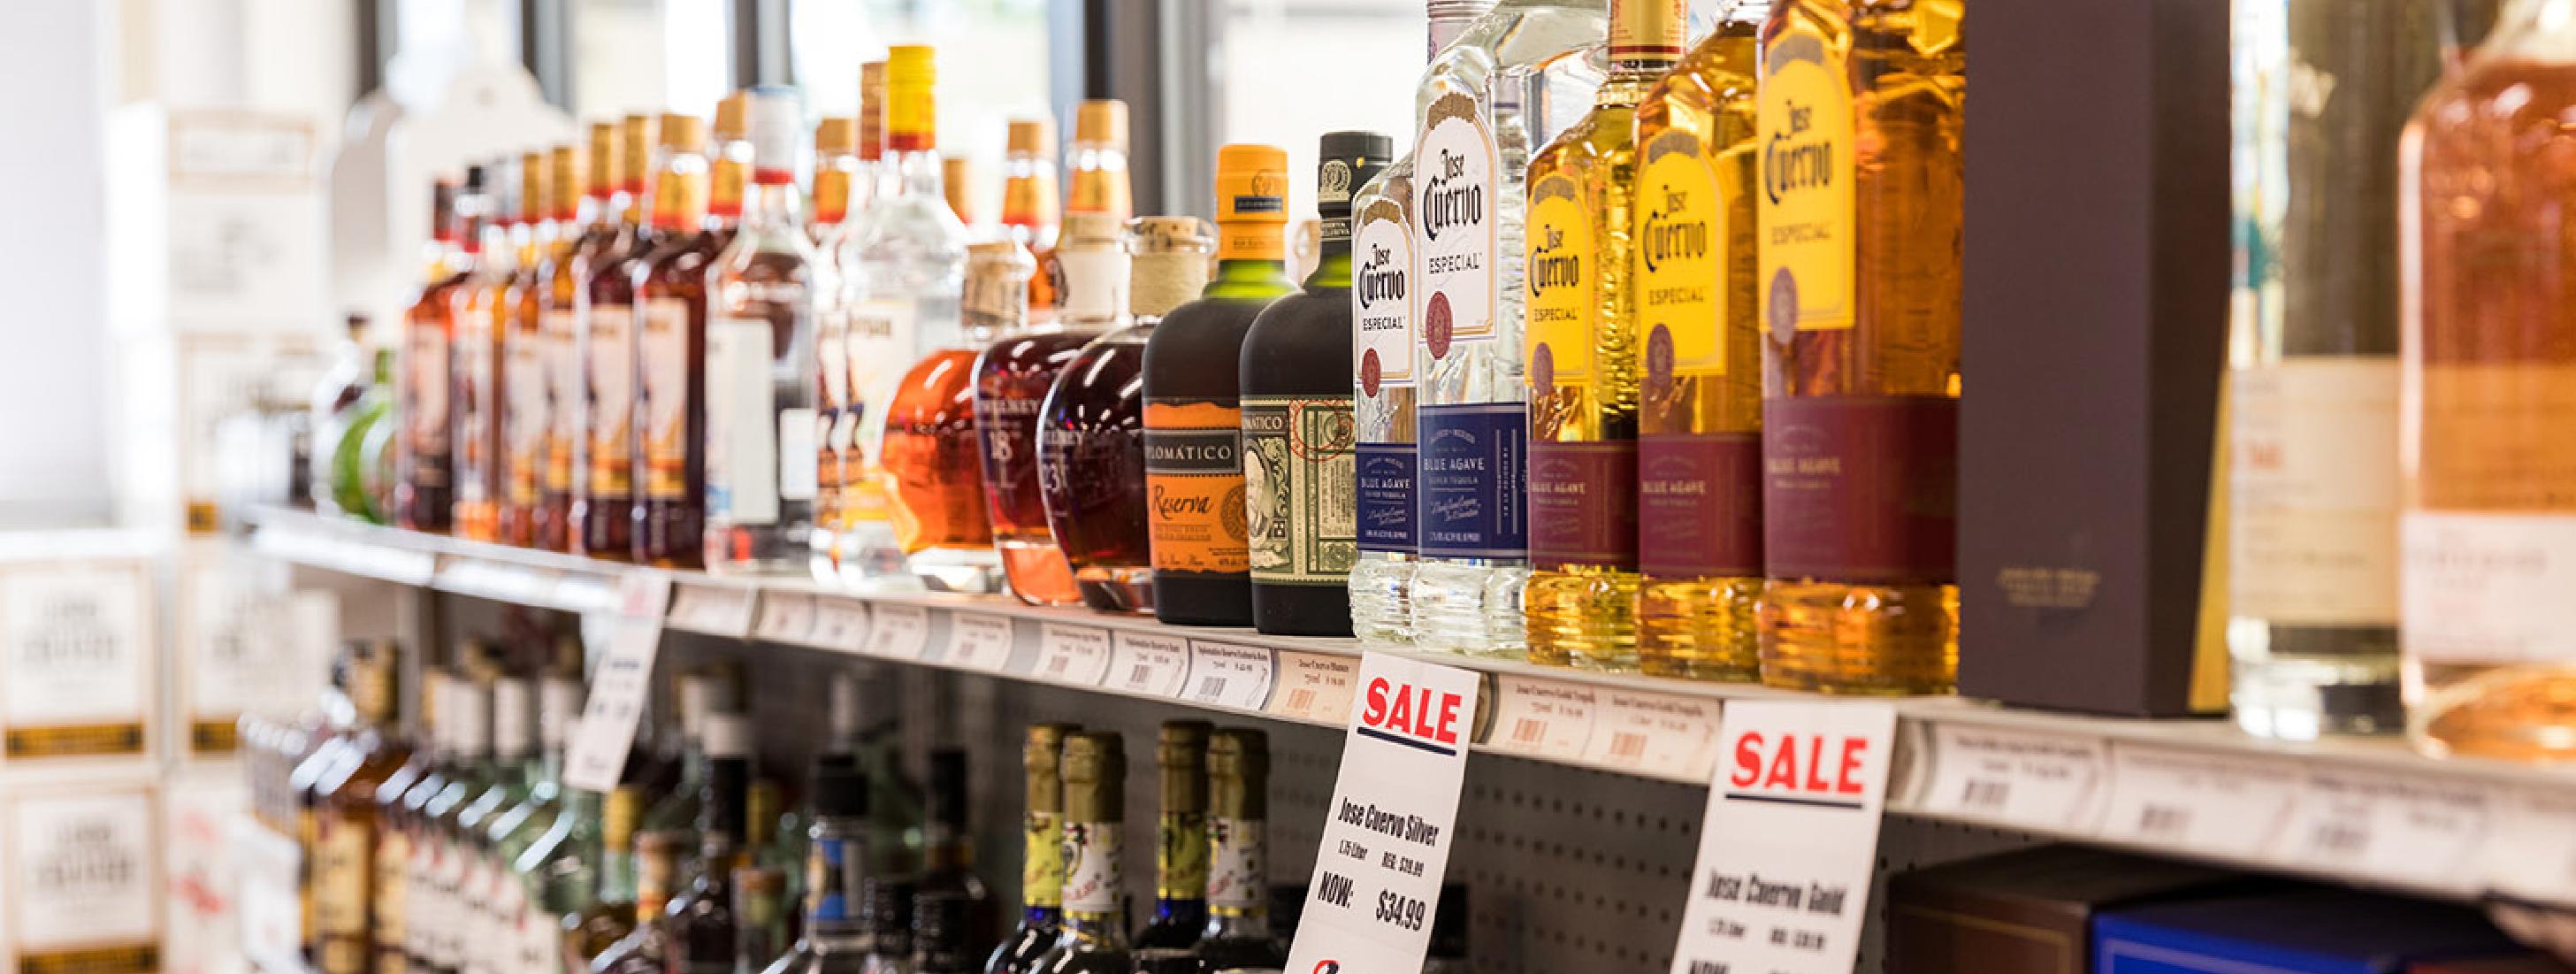 Liquor Shelf web slider -  UPDATE AFTER